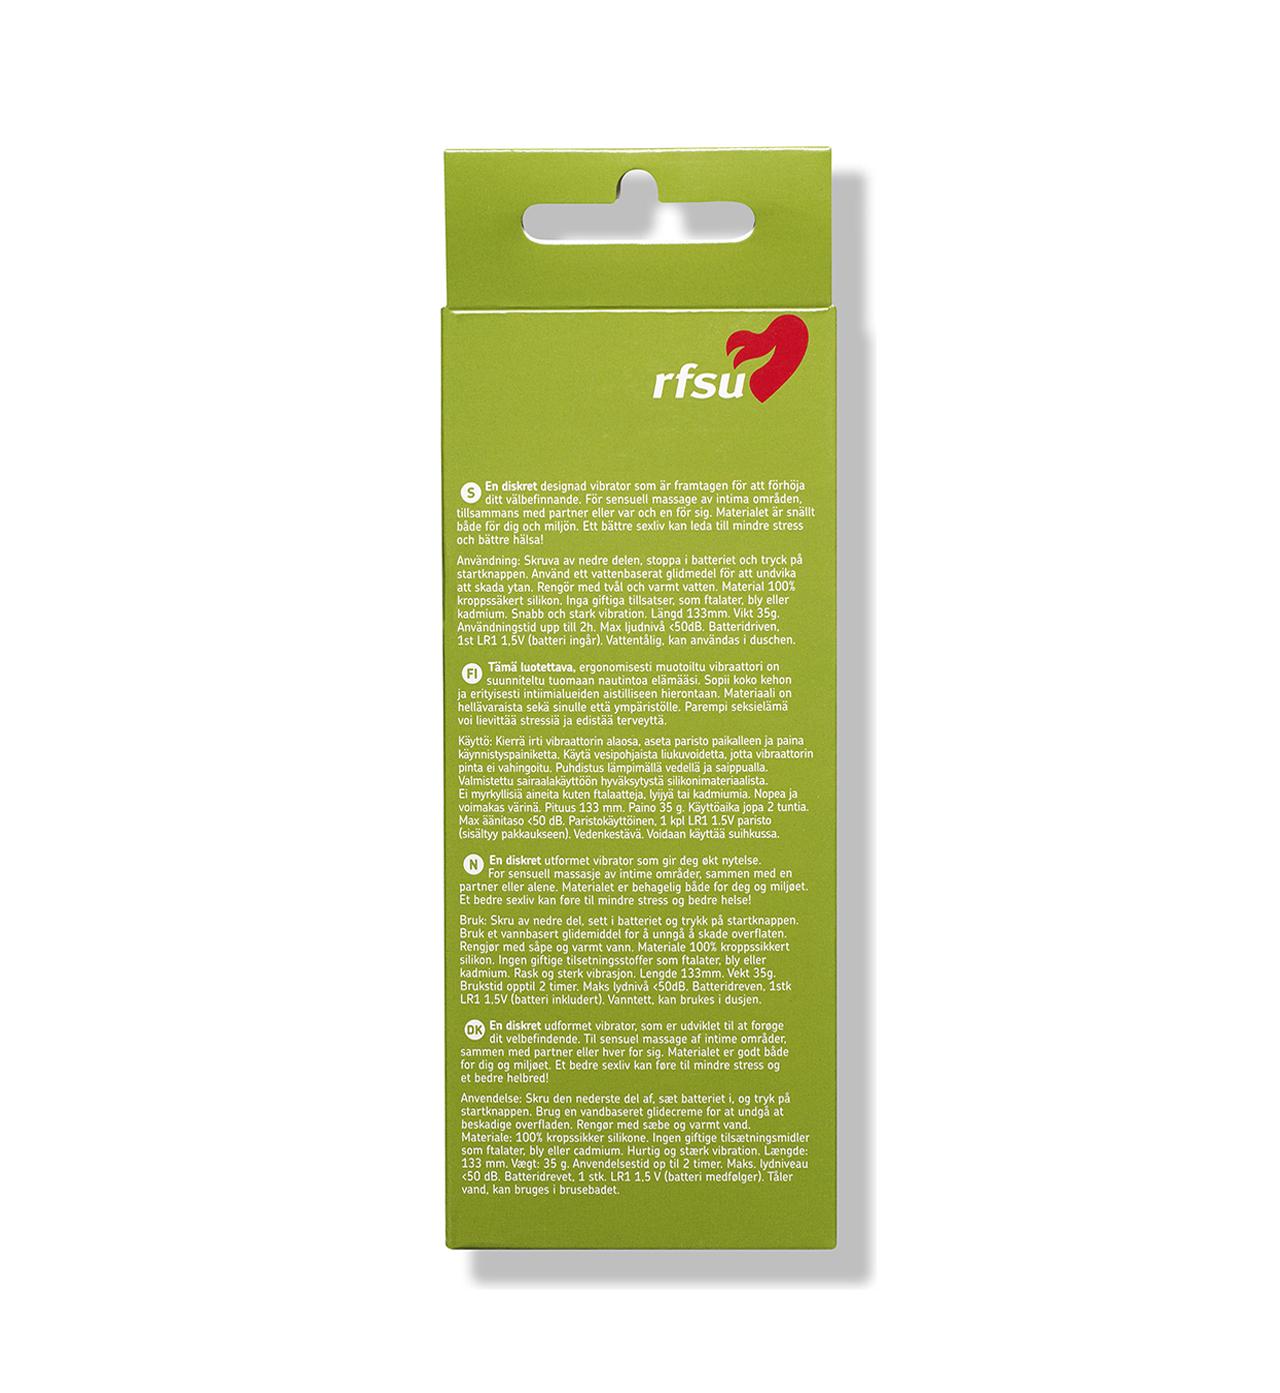 play rfsu vibrator box